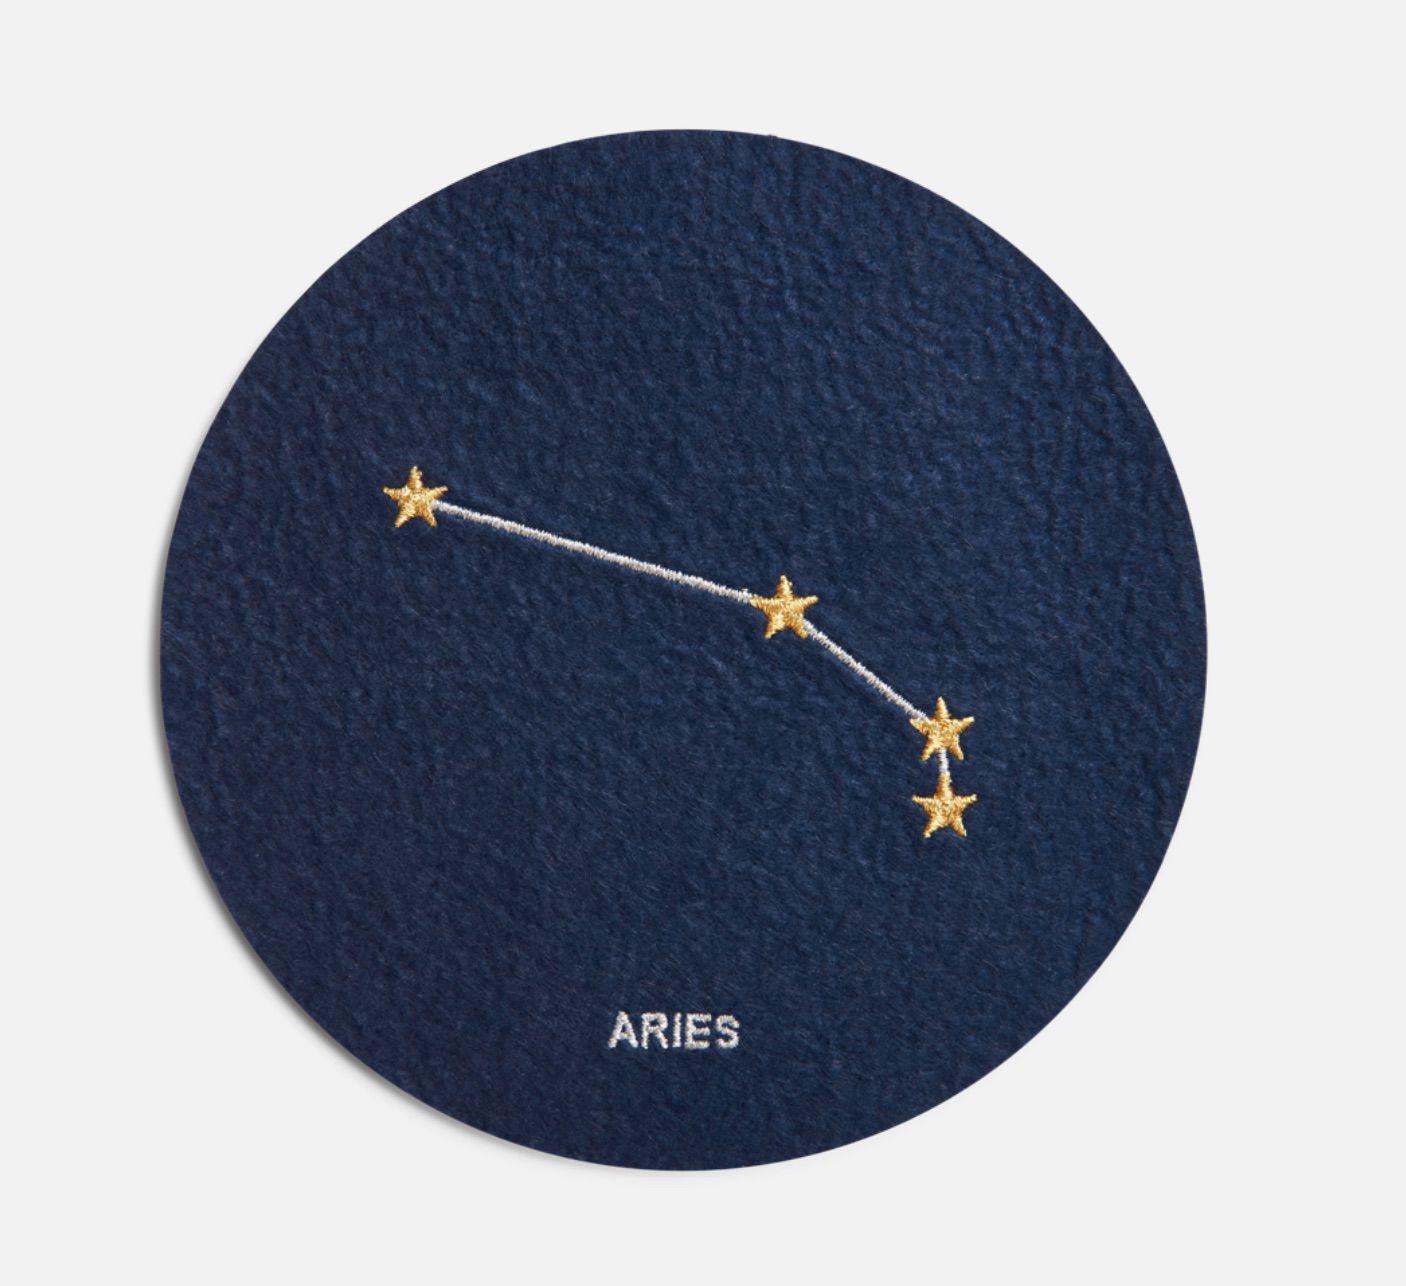 Colugo zodiac patch